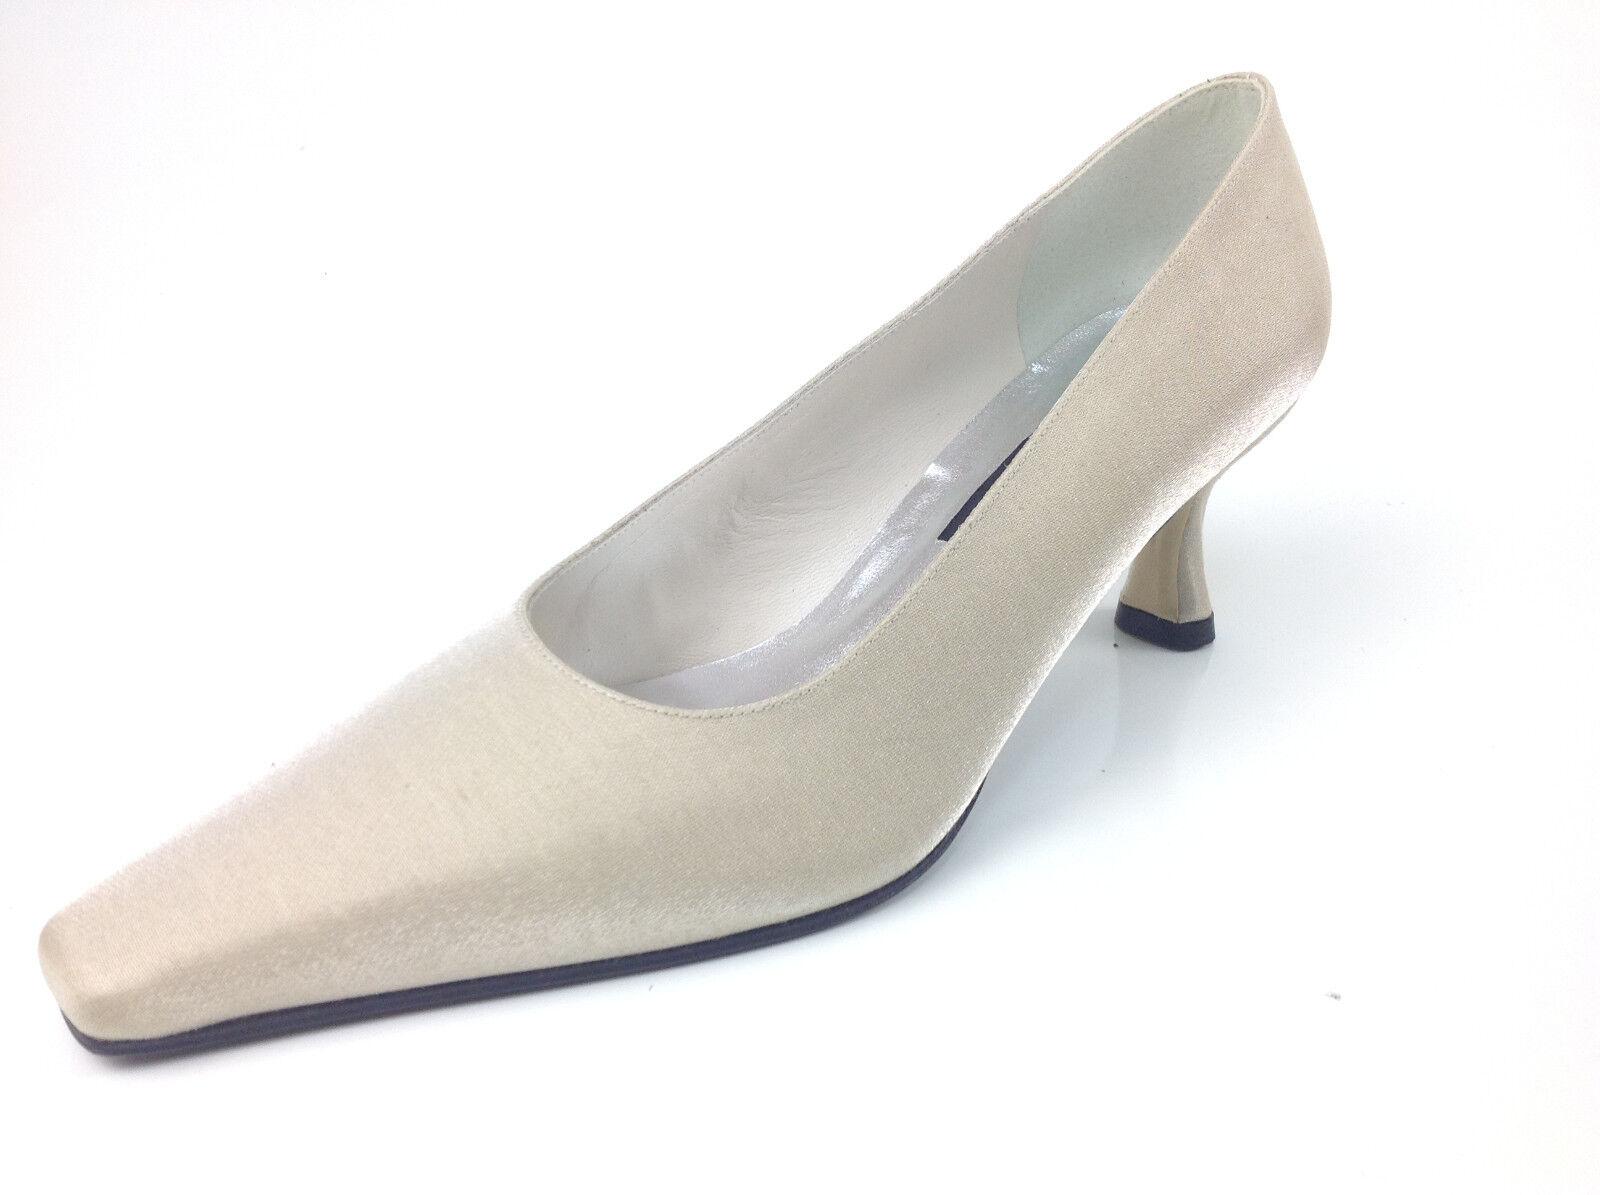 garanzia di qualità Stuart Weitzman    Fable  donna Heels , Oyster Sparkle , Dimensione US 6.5 B  incentivi promozionali